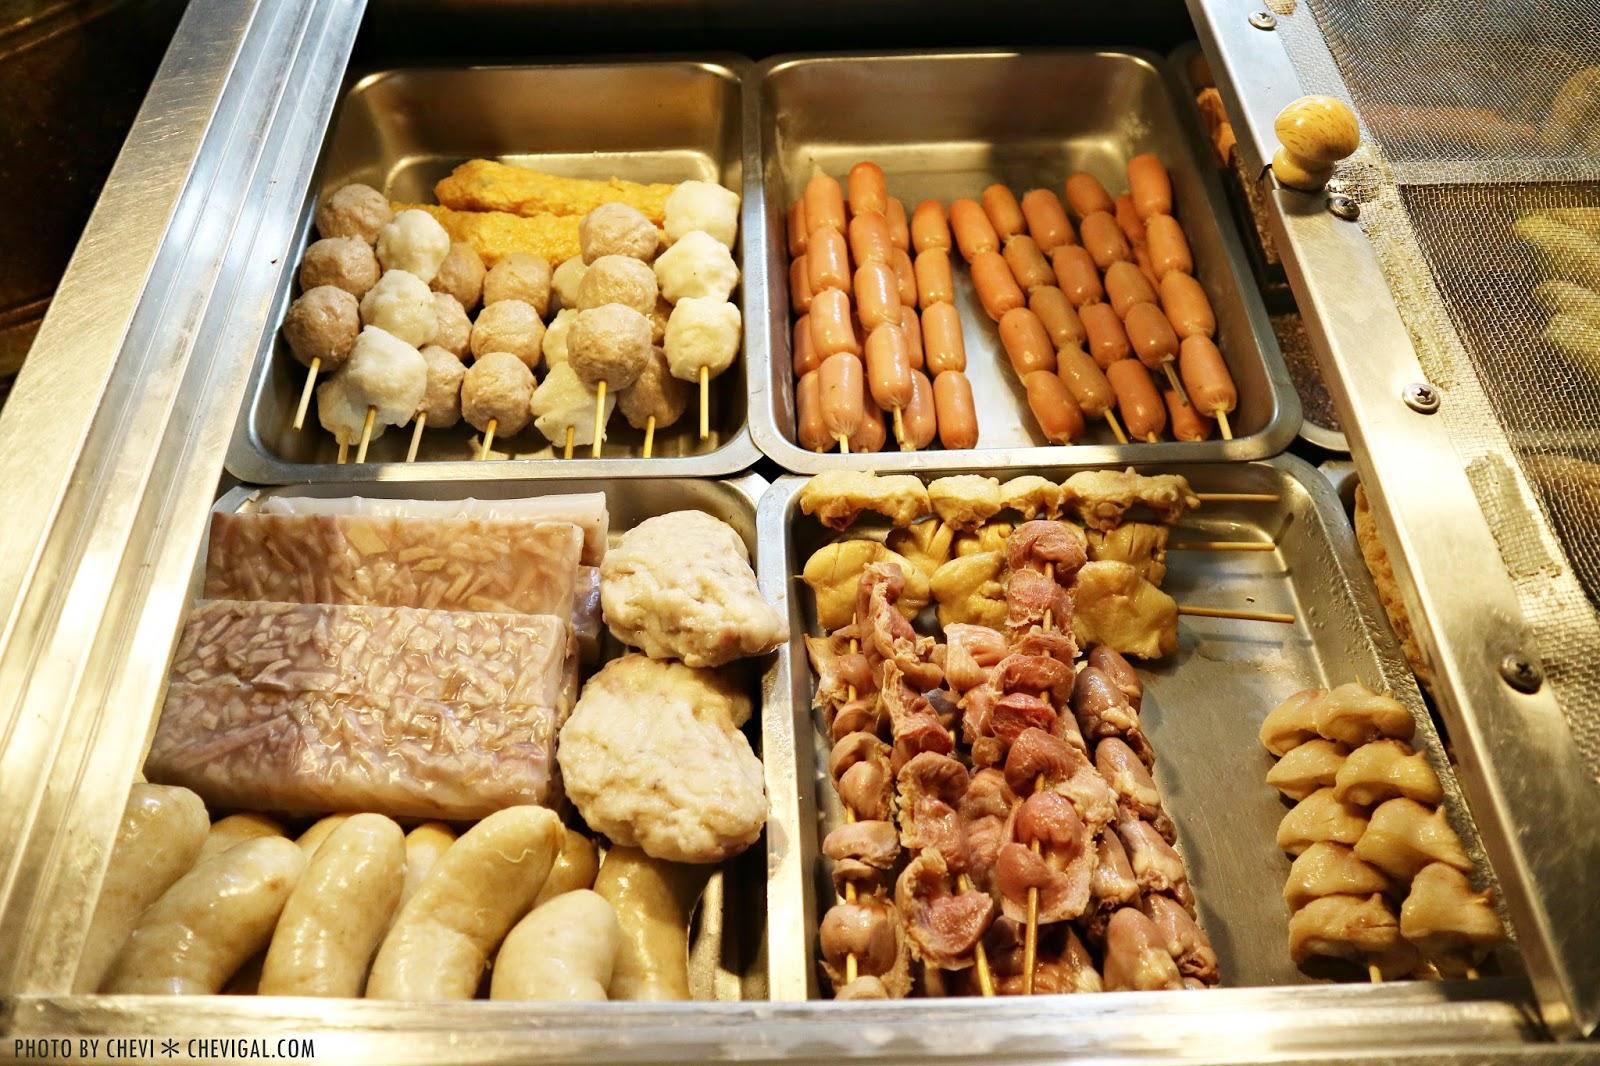 IMG 0522 - 台中烏日│香香鹽酥雞。飄香二十年的好滋味。一週只開四天別撲空囉